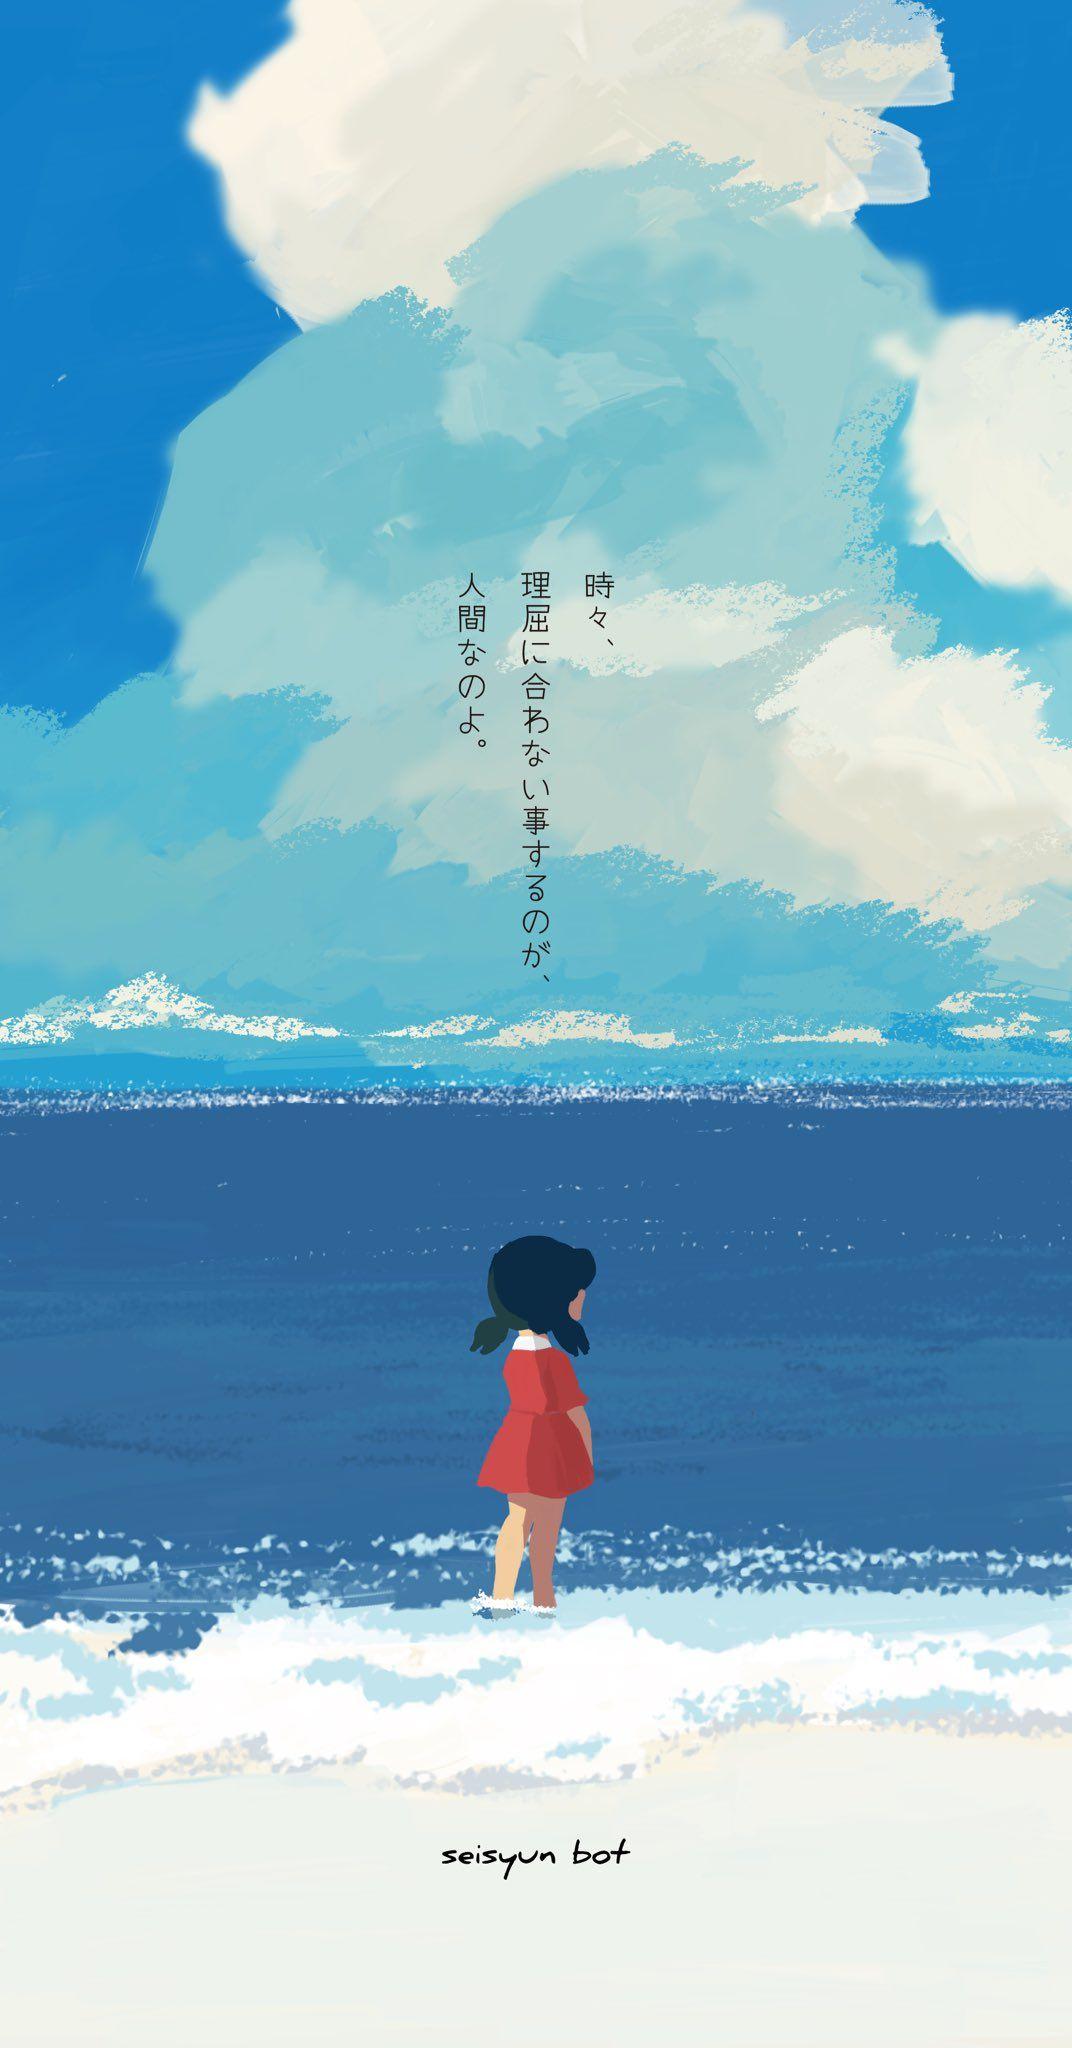 青春bot on twitter doraemon wallpapers anime scenery scenery wallpaper